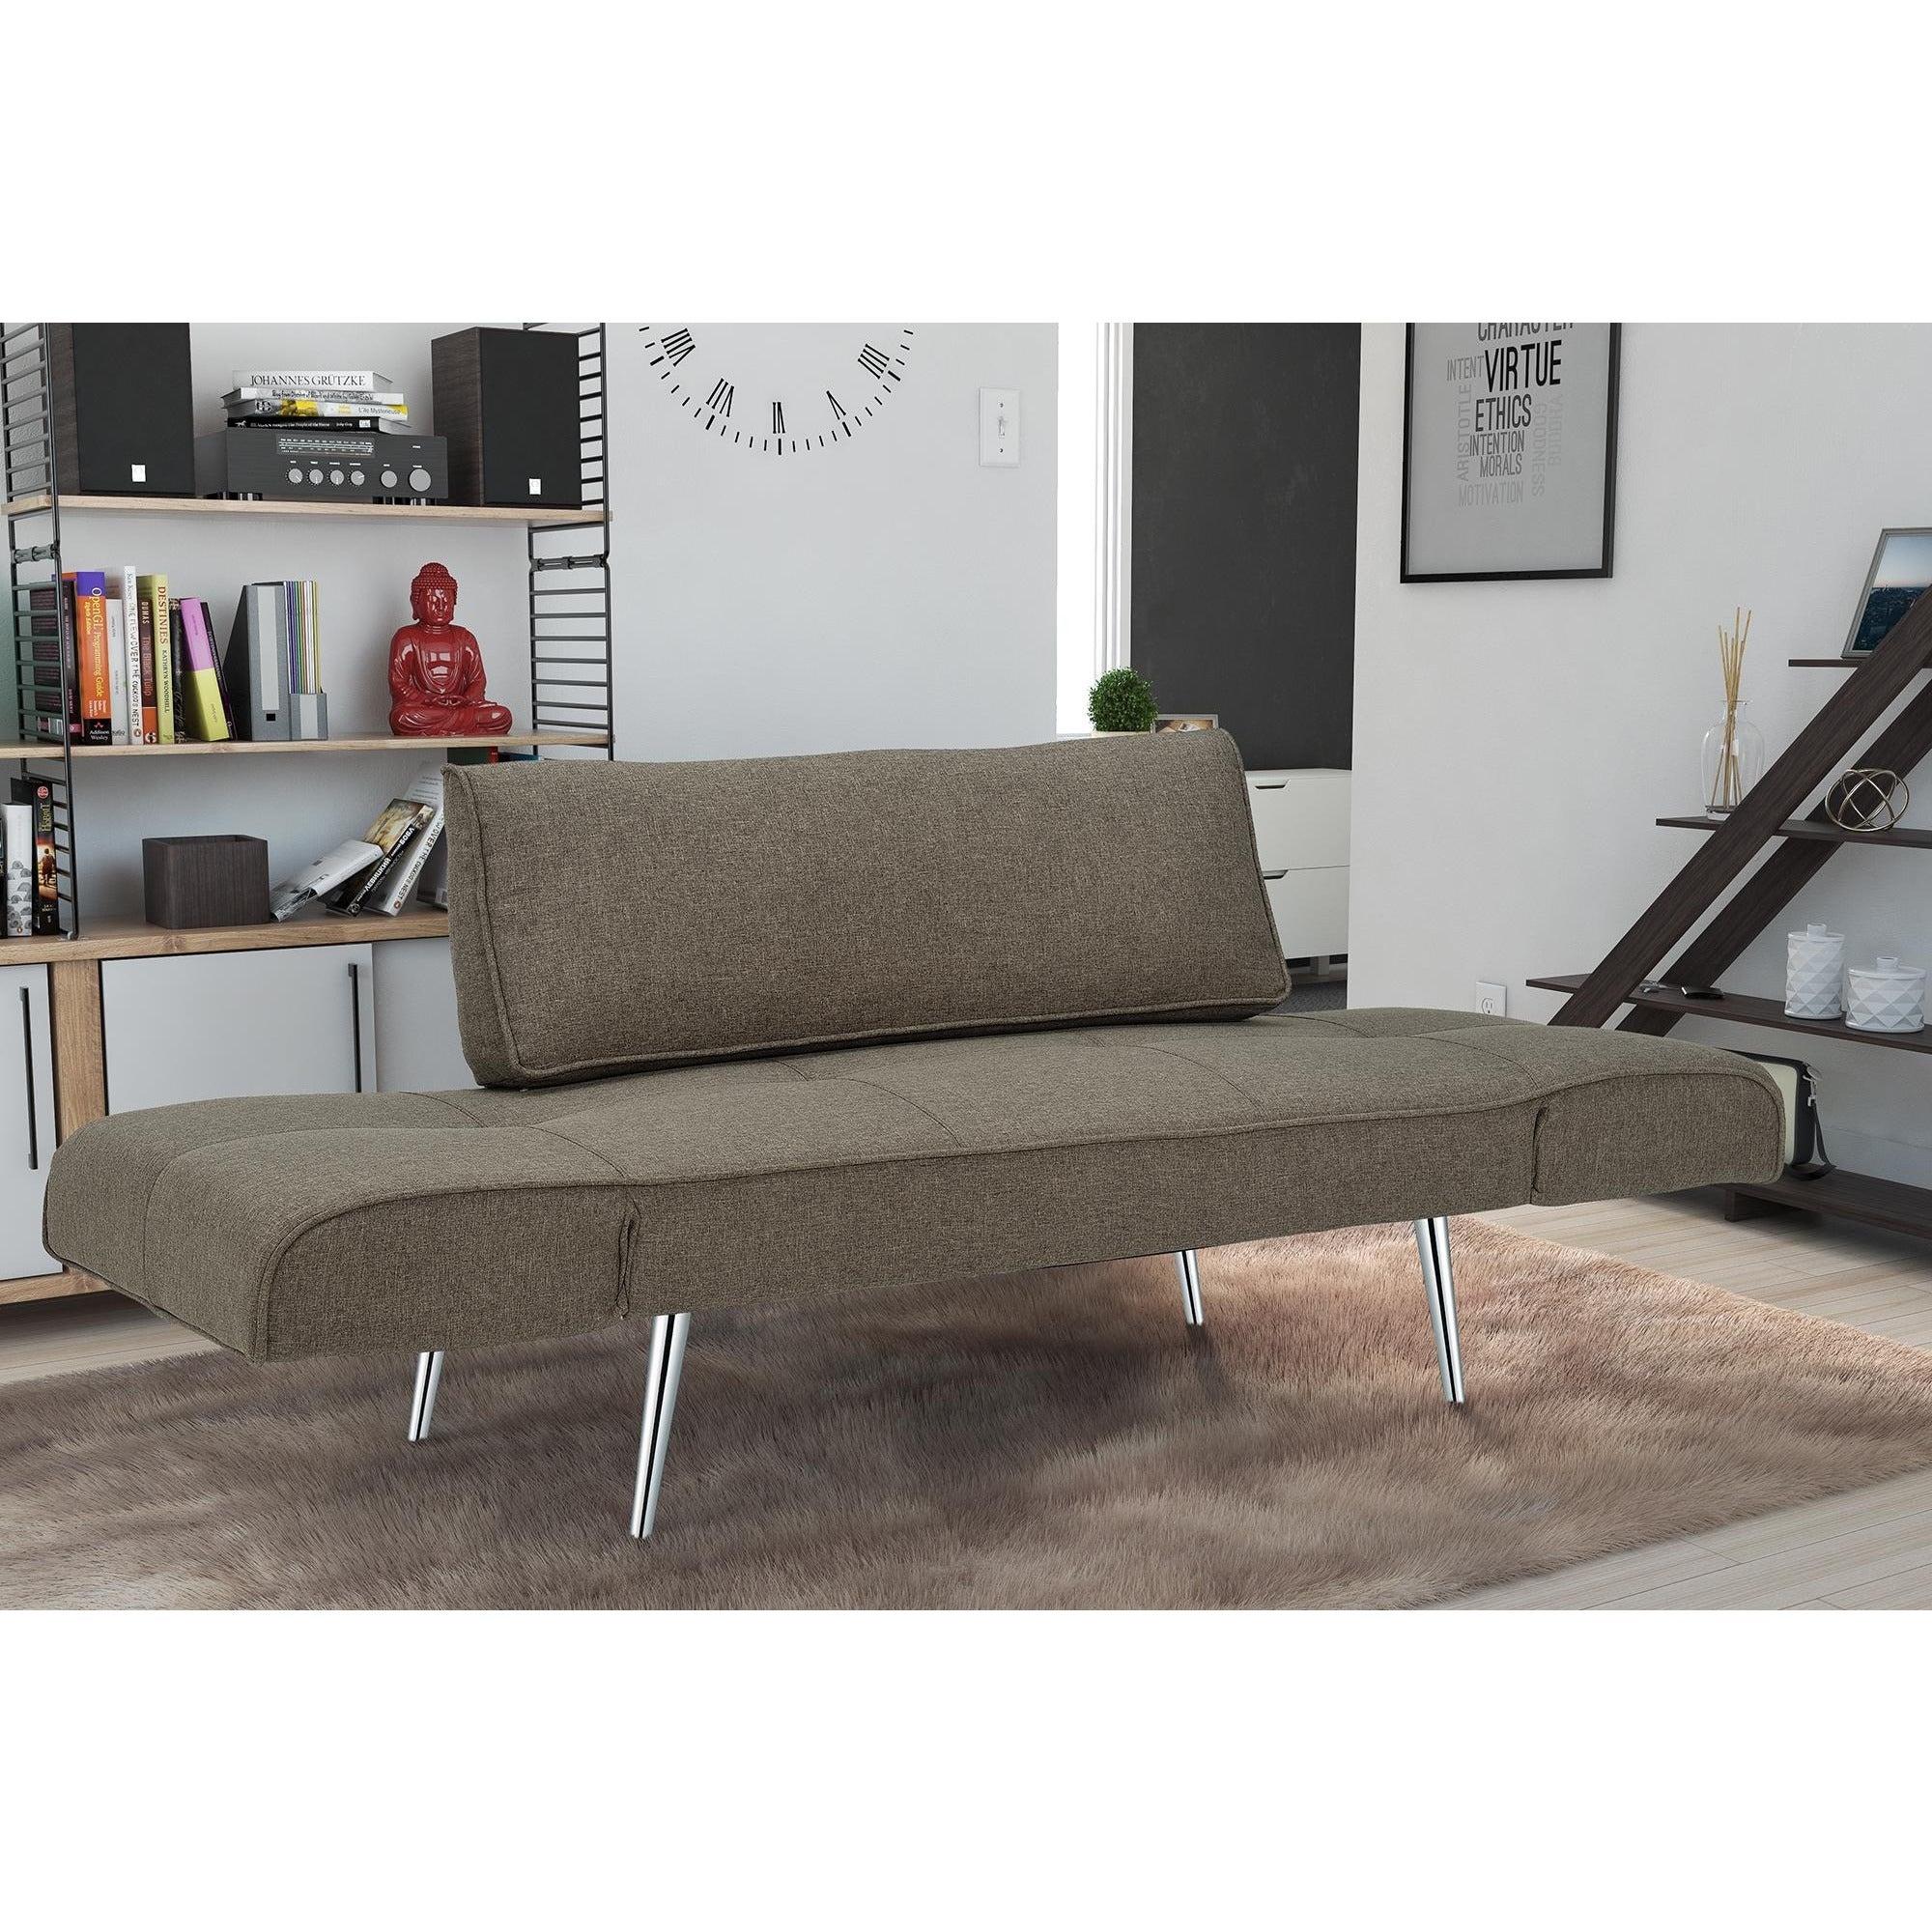 Dhp Euro Futon Sofa Bed With Magazine Storage